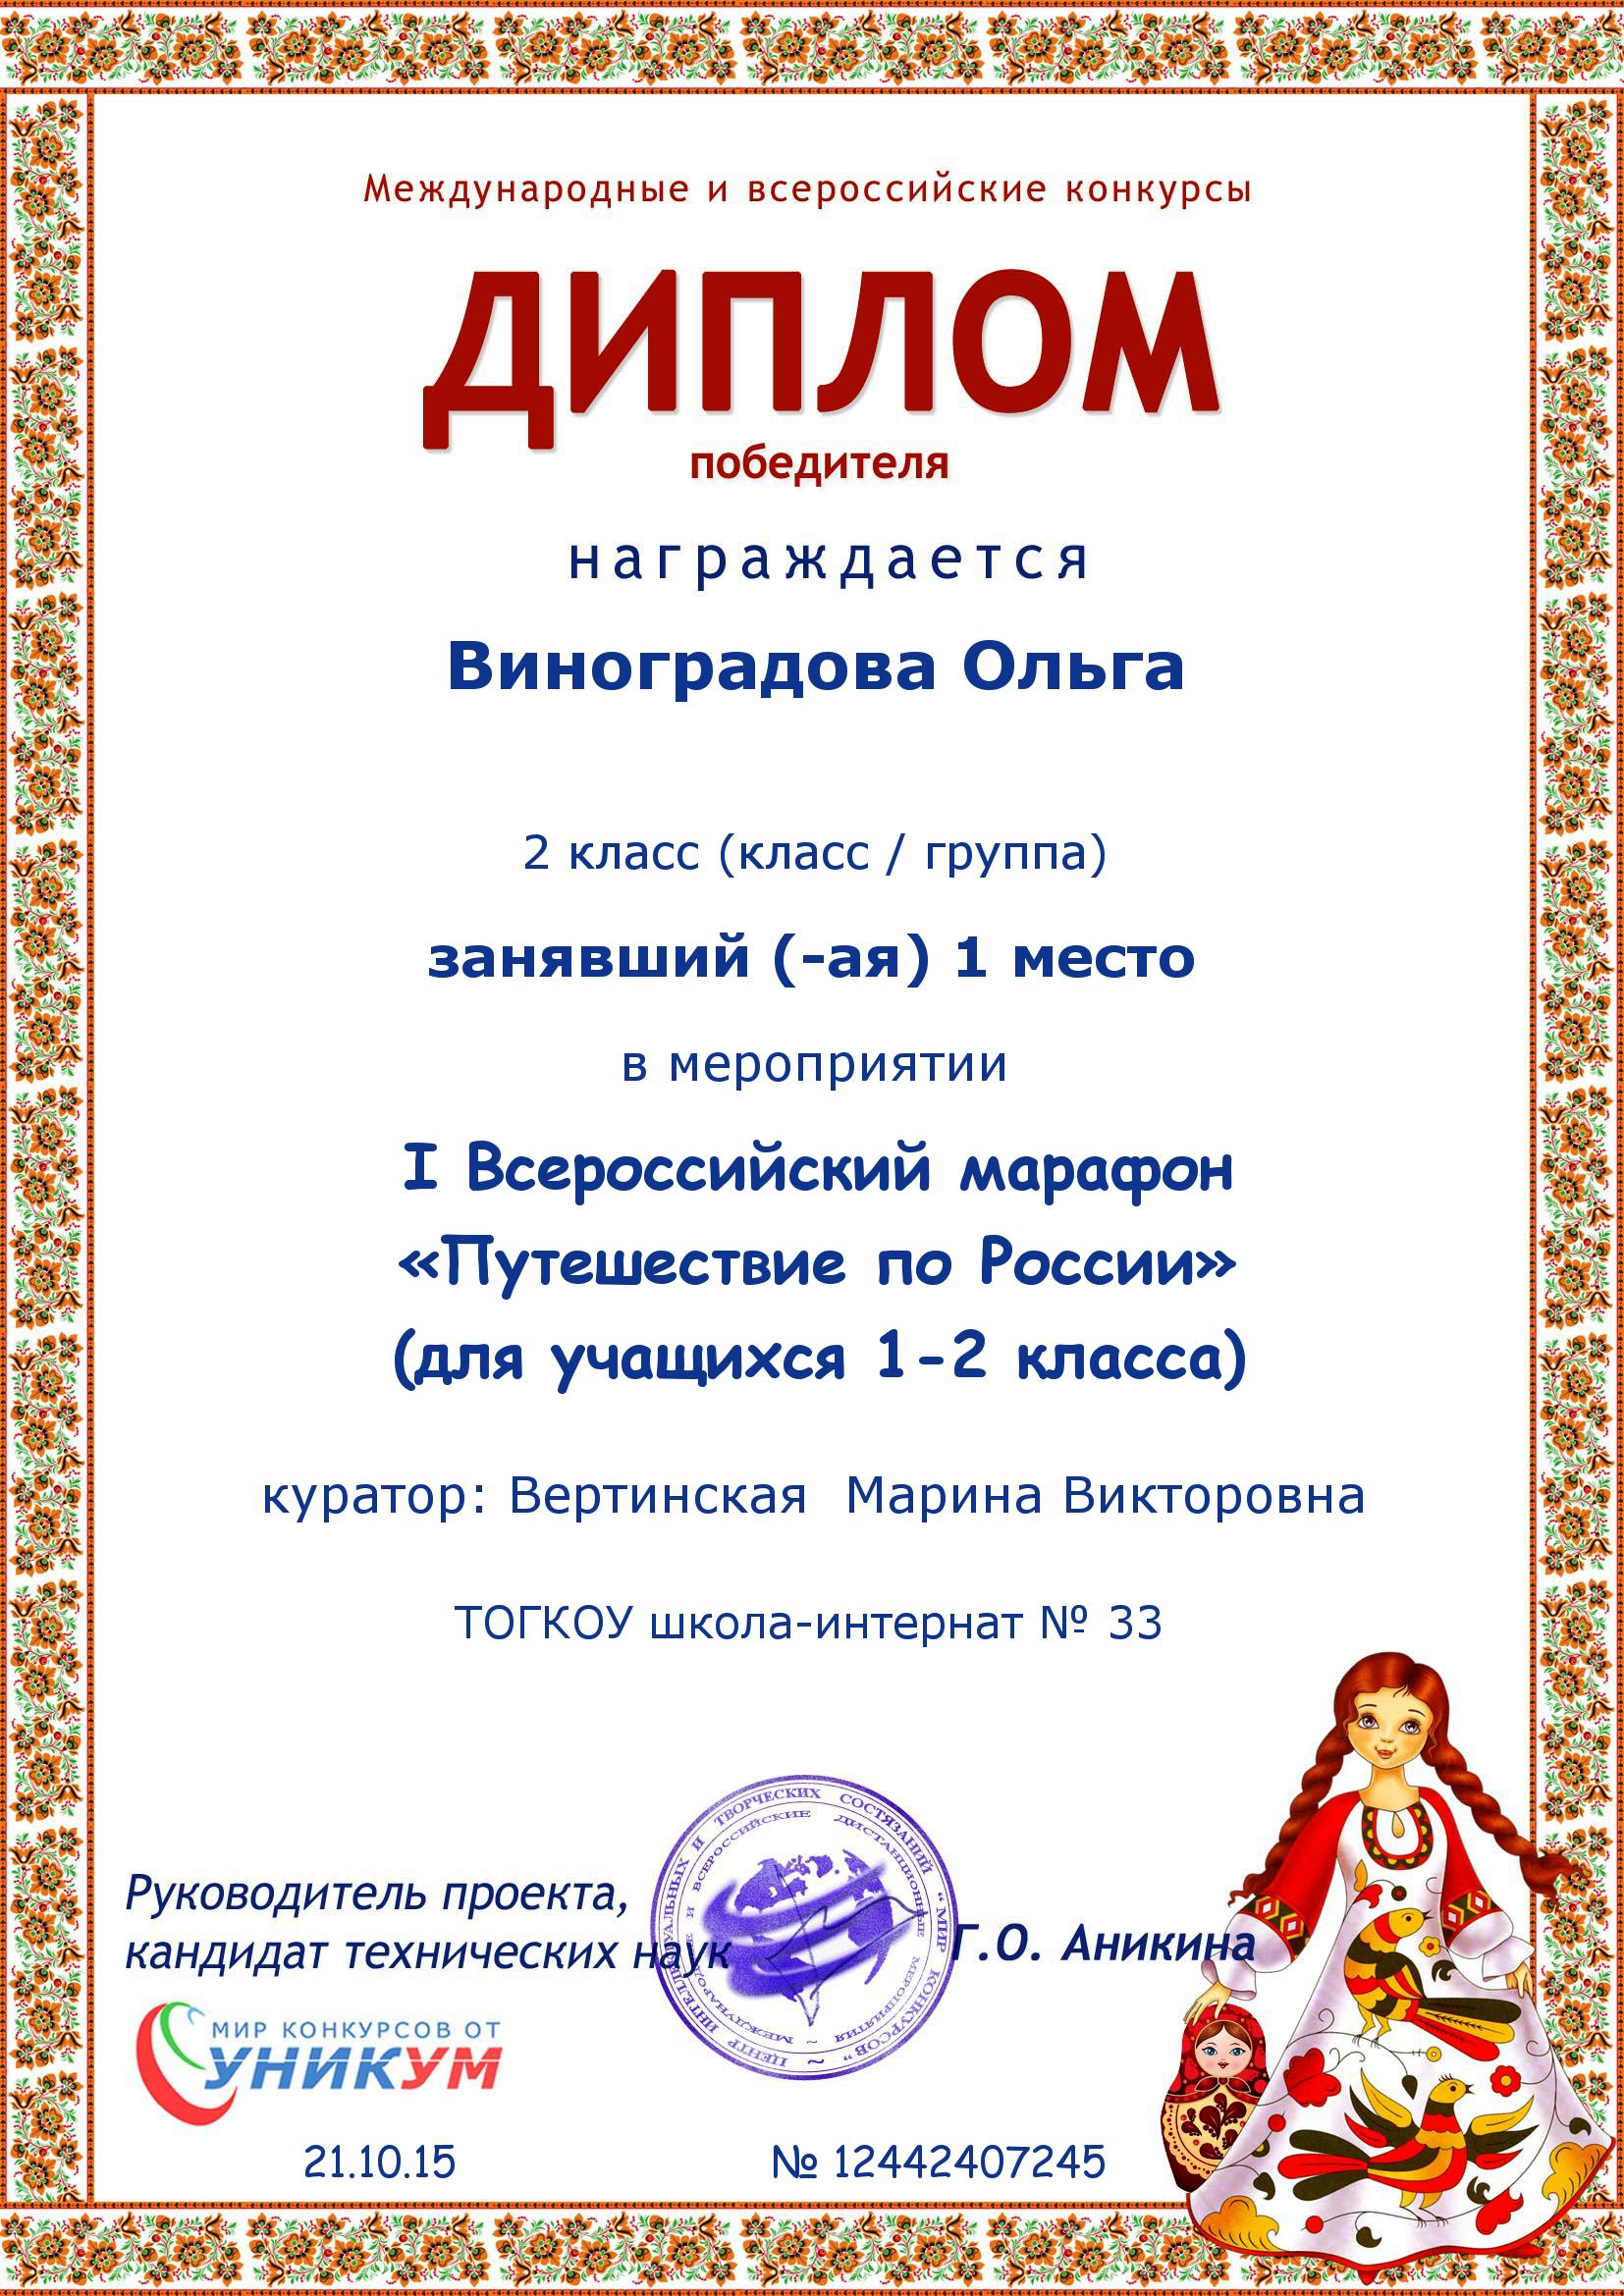 Путешествие по россии конкурс